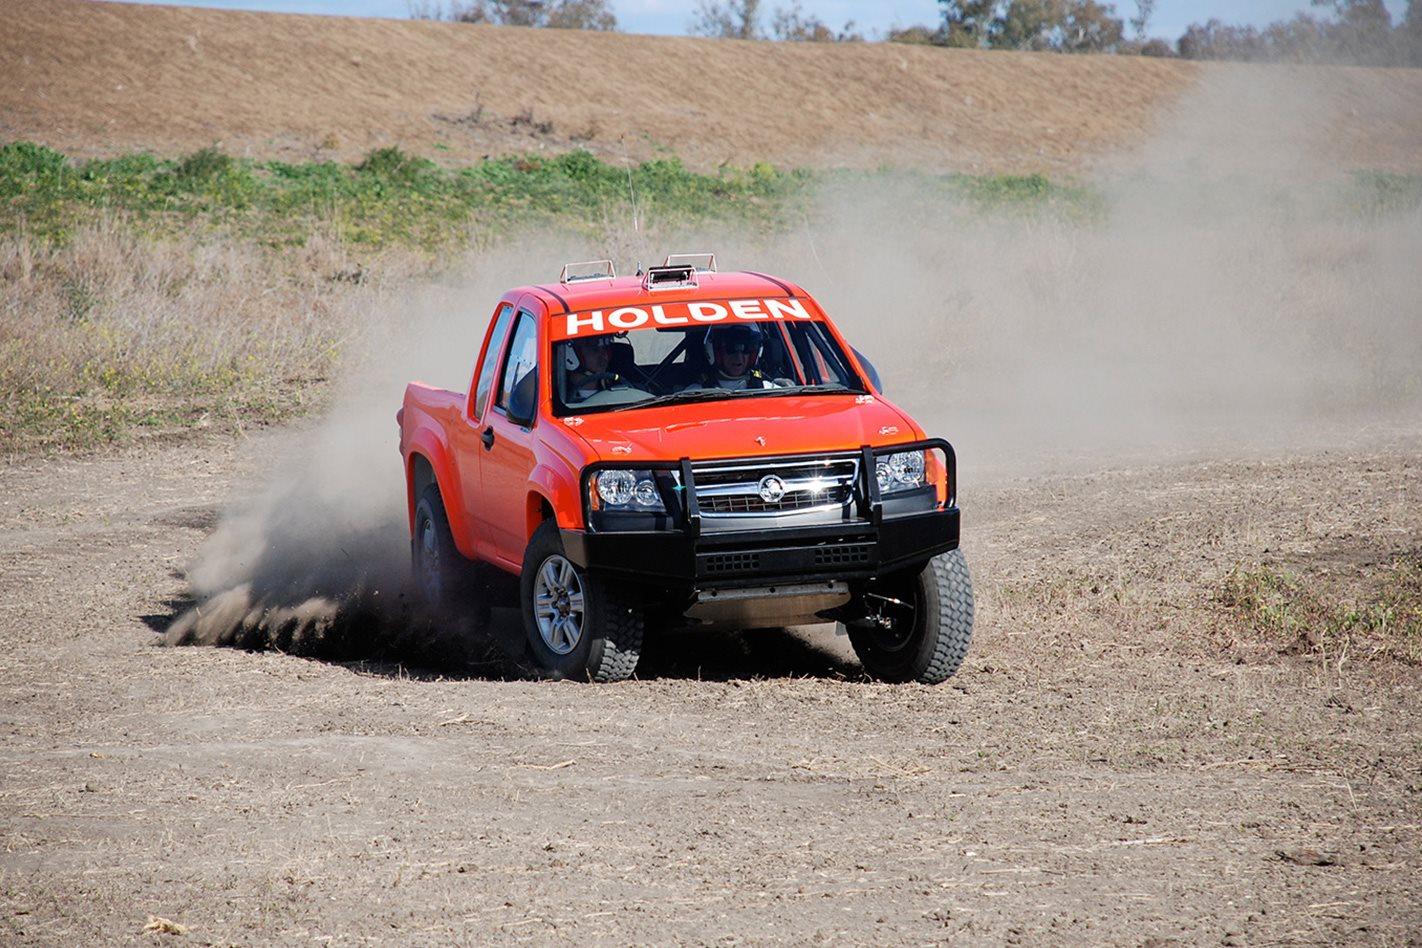 Holden-Rally-Team-Colorado-V8-custom-outback.jpg